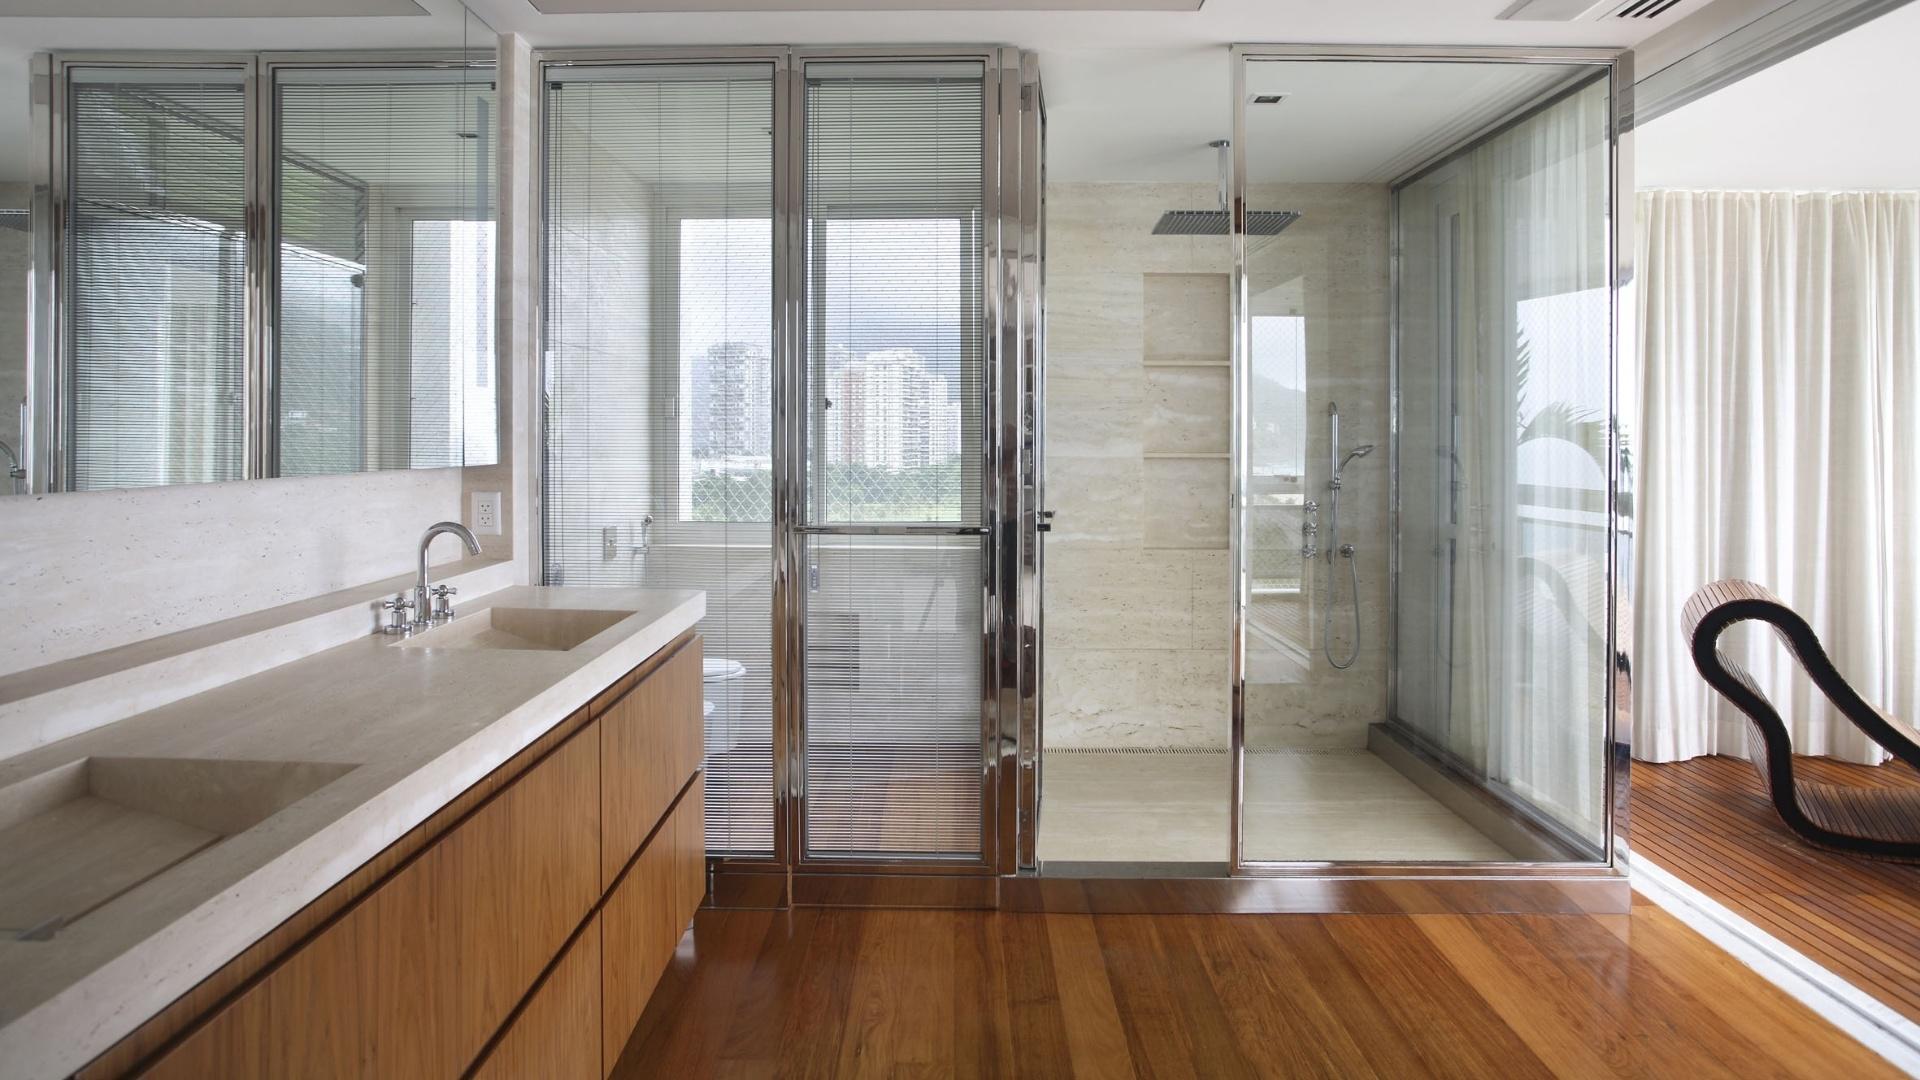 fotos de banheiros de suites pequenas 11 Quotes #6D4629 1920x1080 Balança De Banheiro G Tech